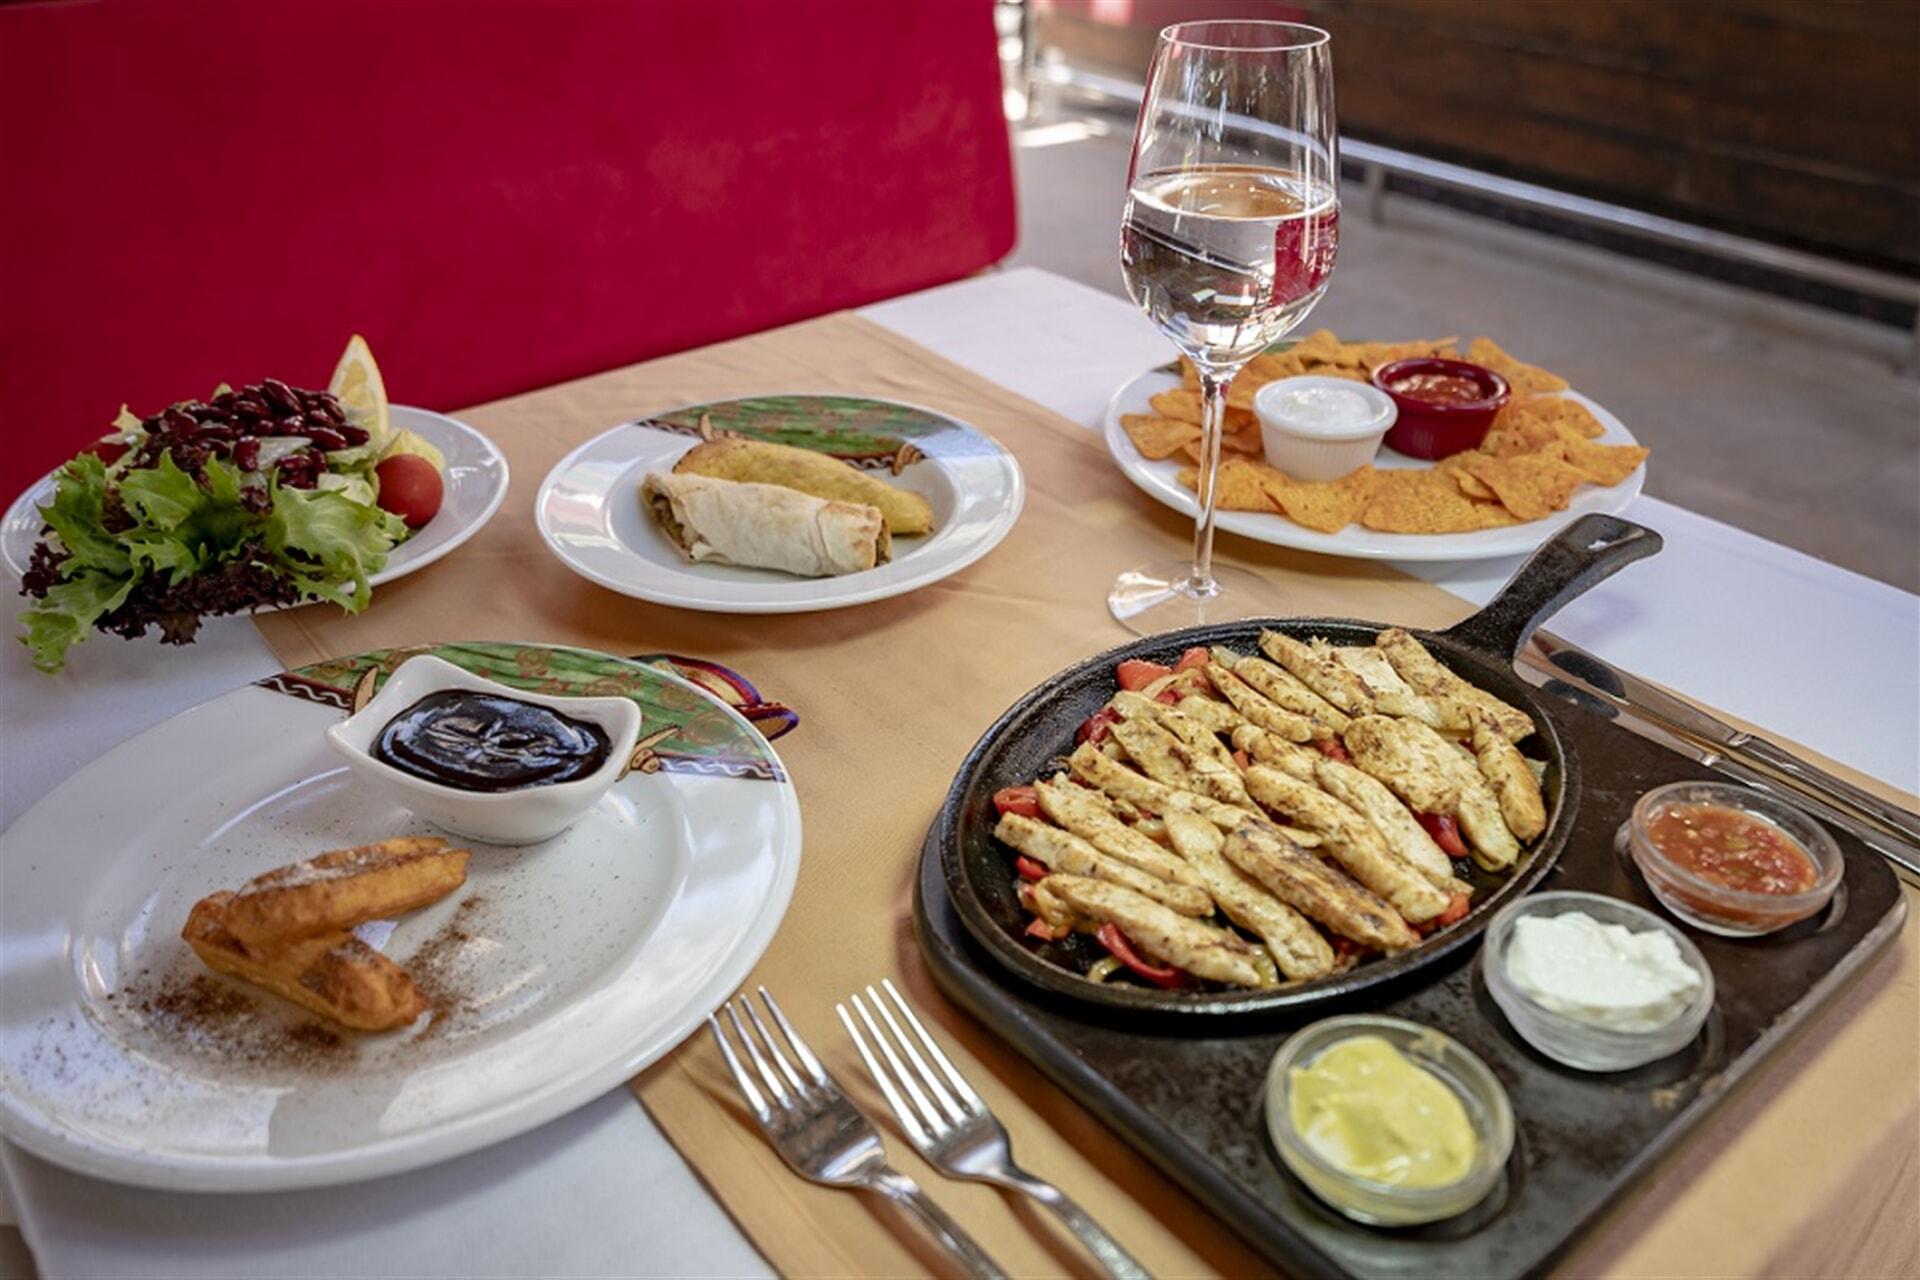 Meksika mutfağının hareketli kültürünü, eşsiz tadı ile dekore ettik.